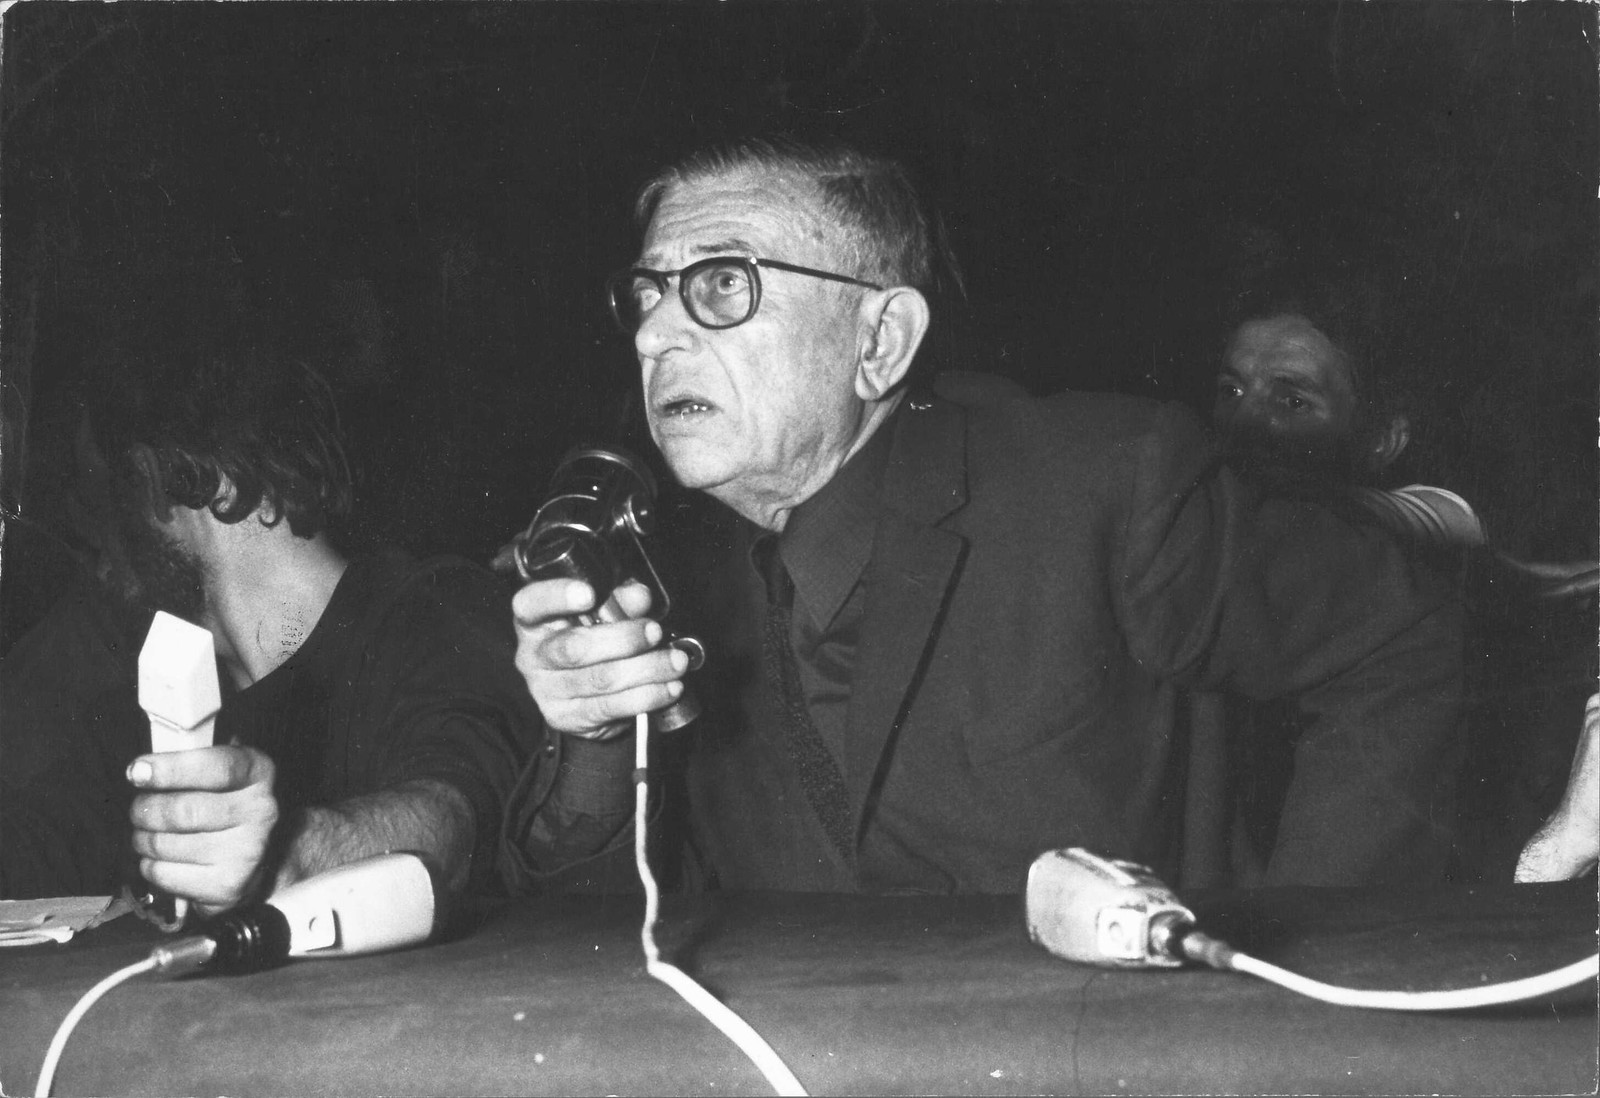 Пресс-конференция Жана-Поля Сартра 20 мая 1968